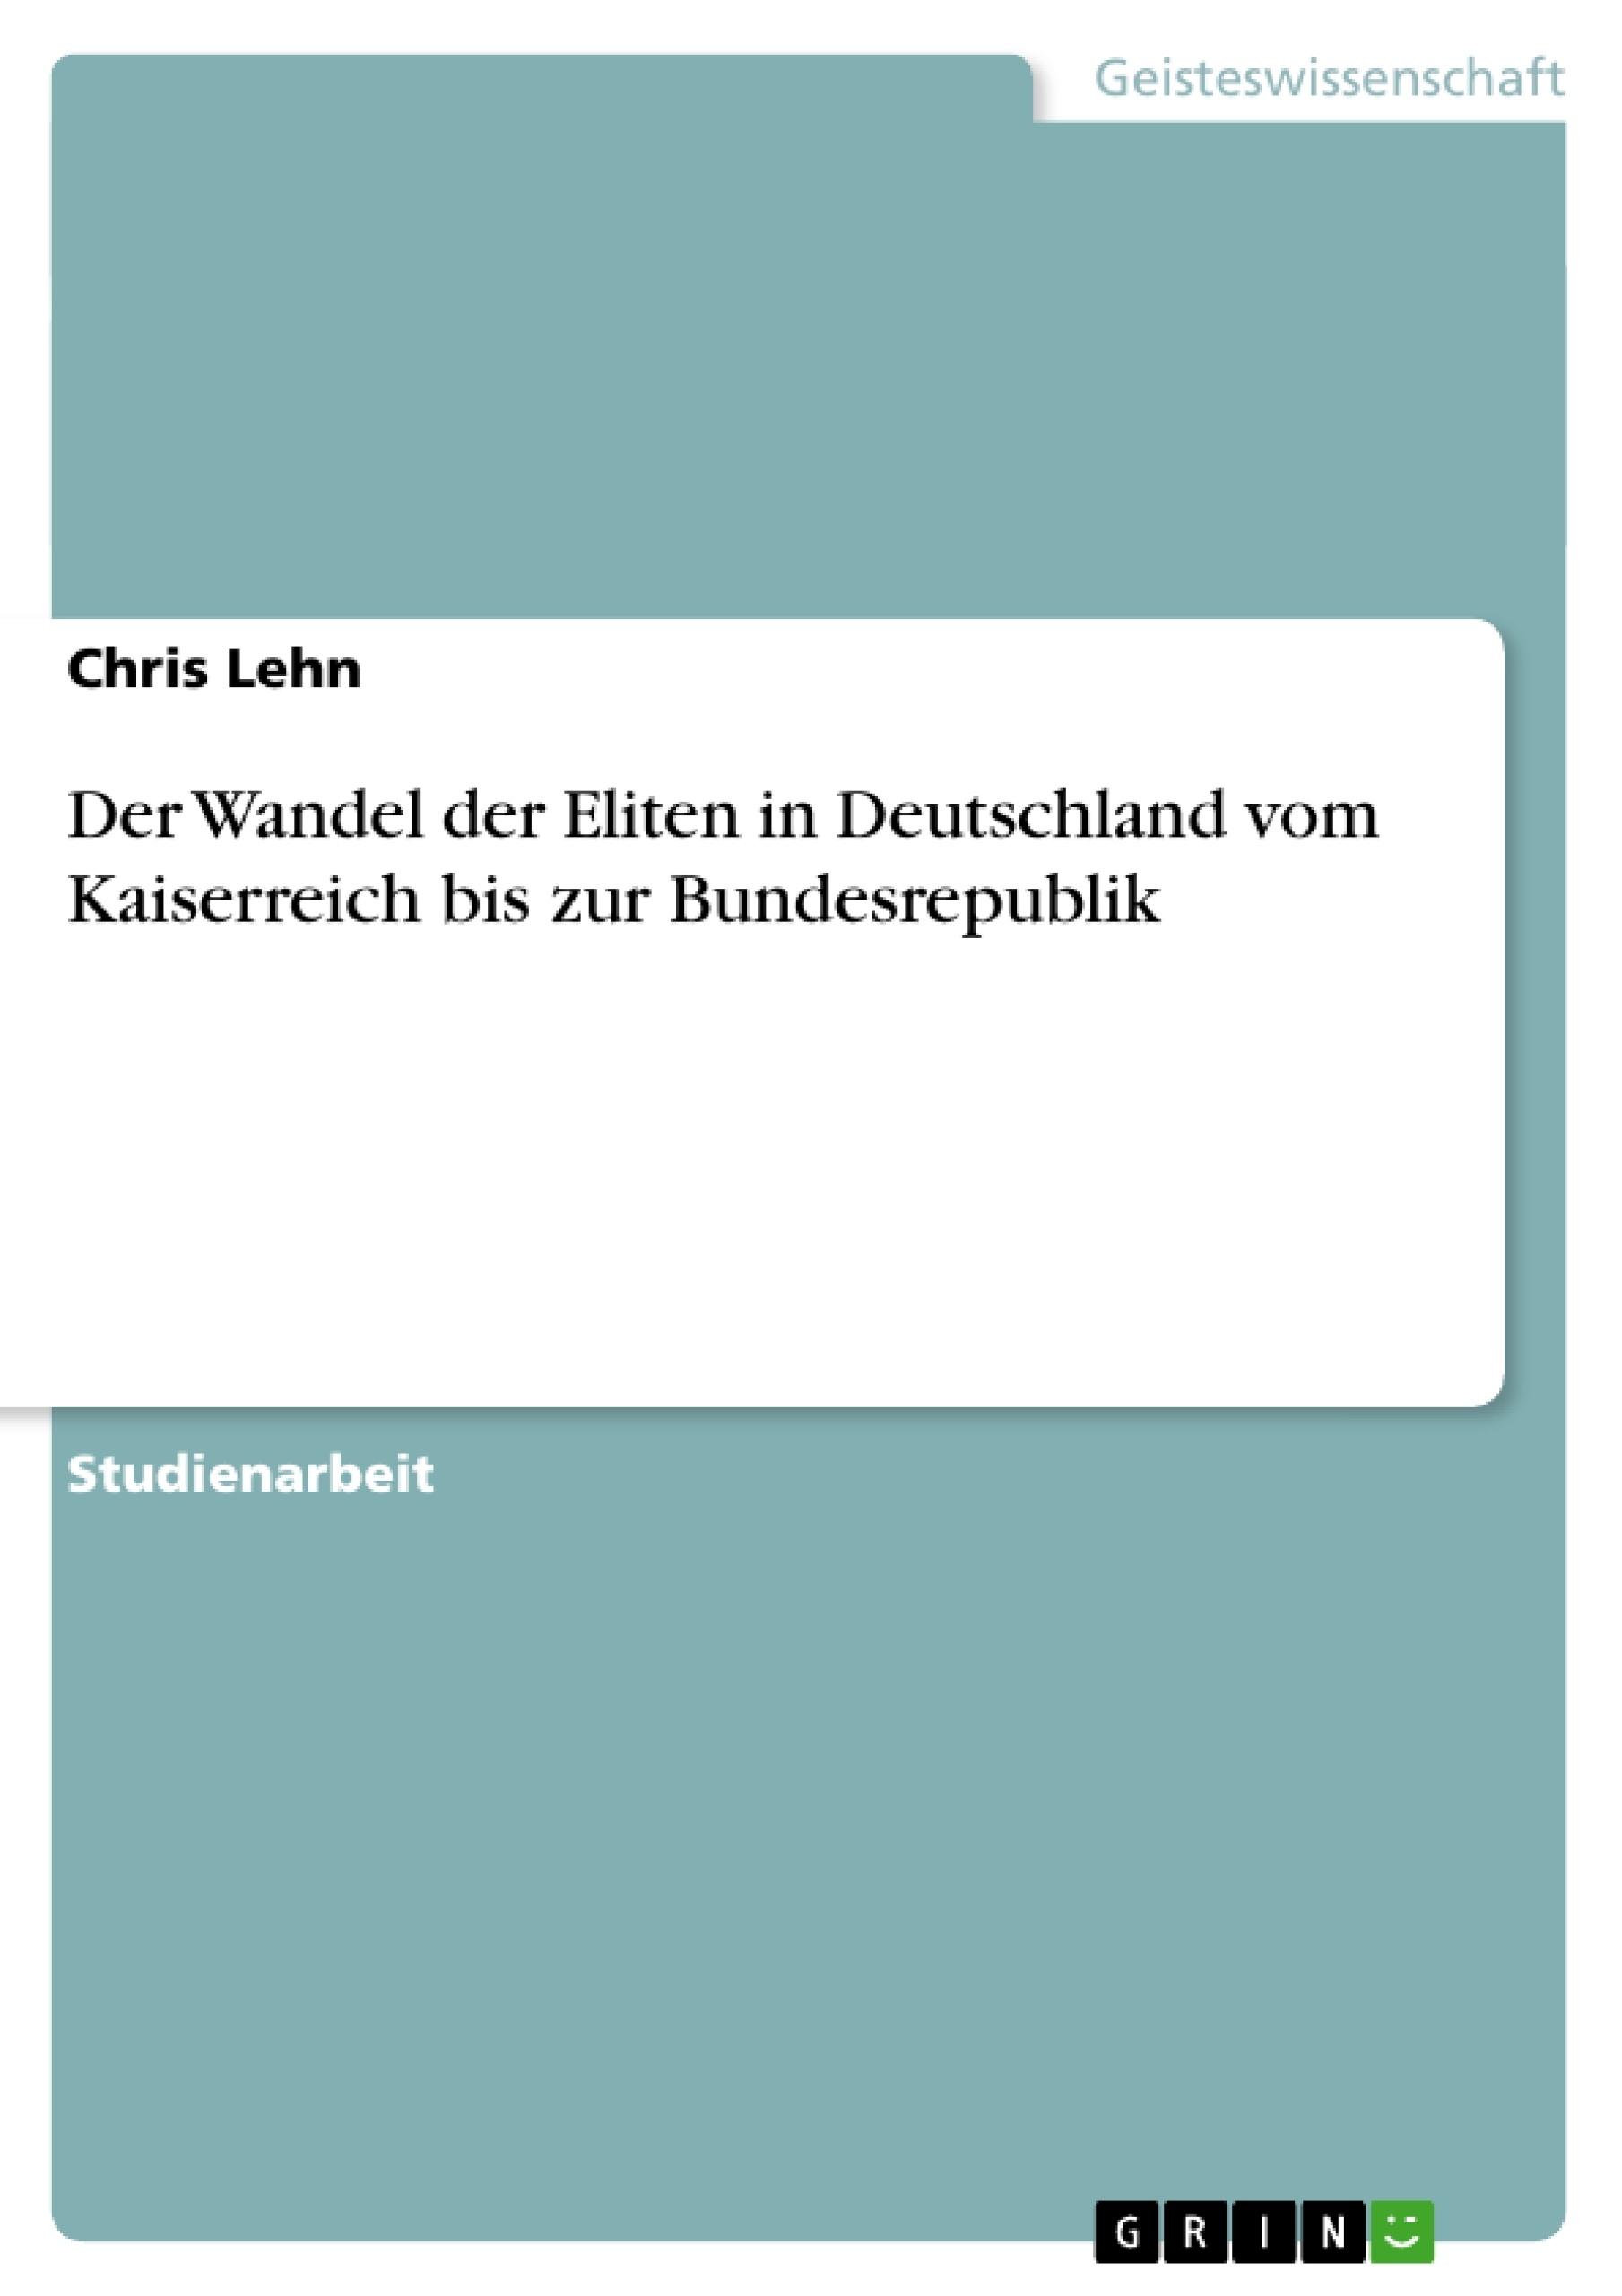 Titel: Der Wandel der Eliten in Deutschland vom Kaiserreich bis zur Bundesrepublik